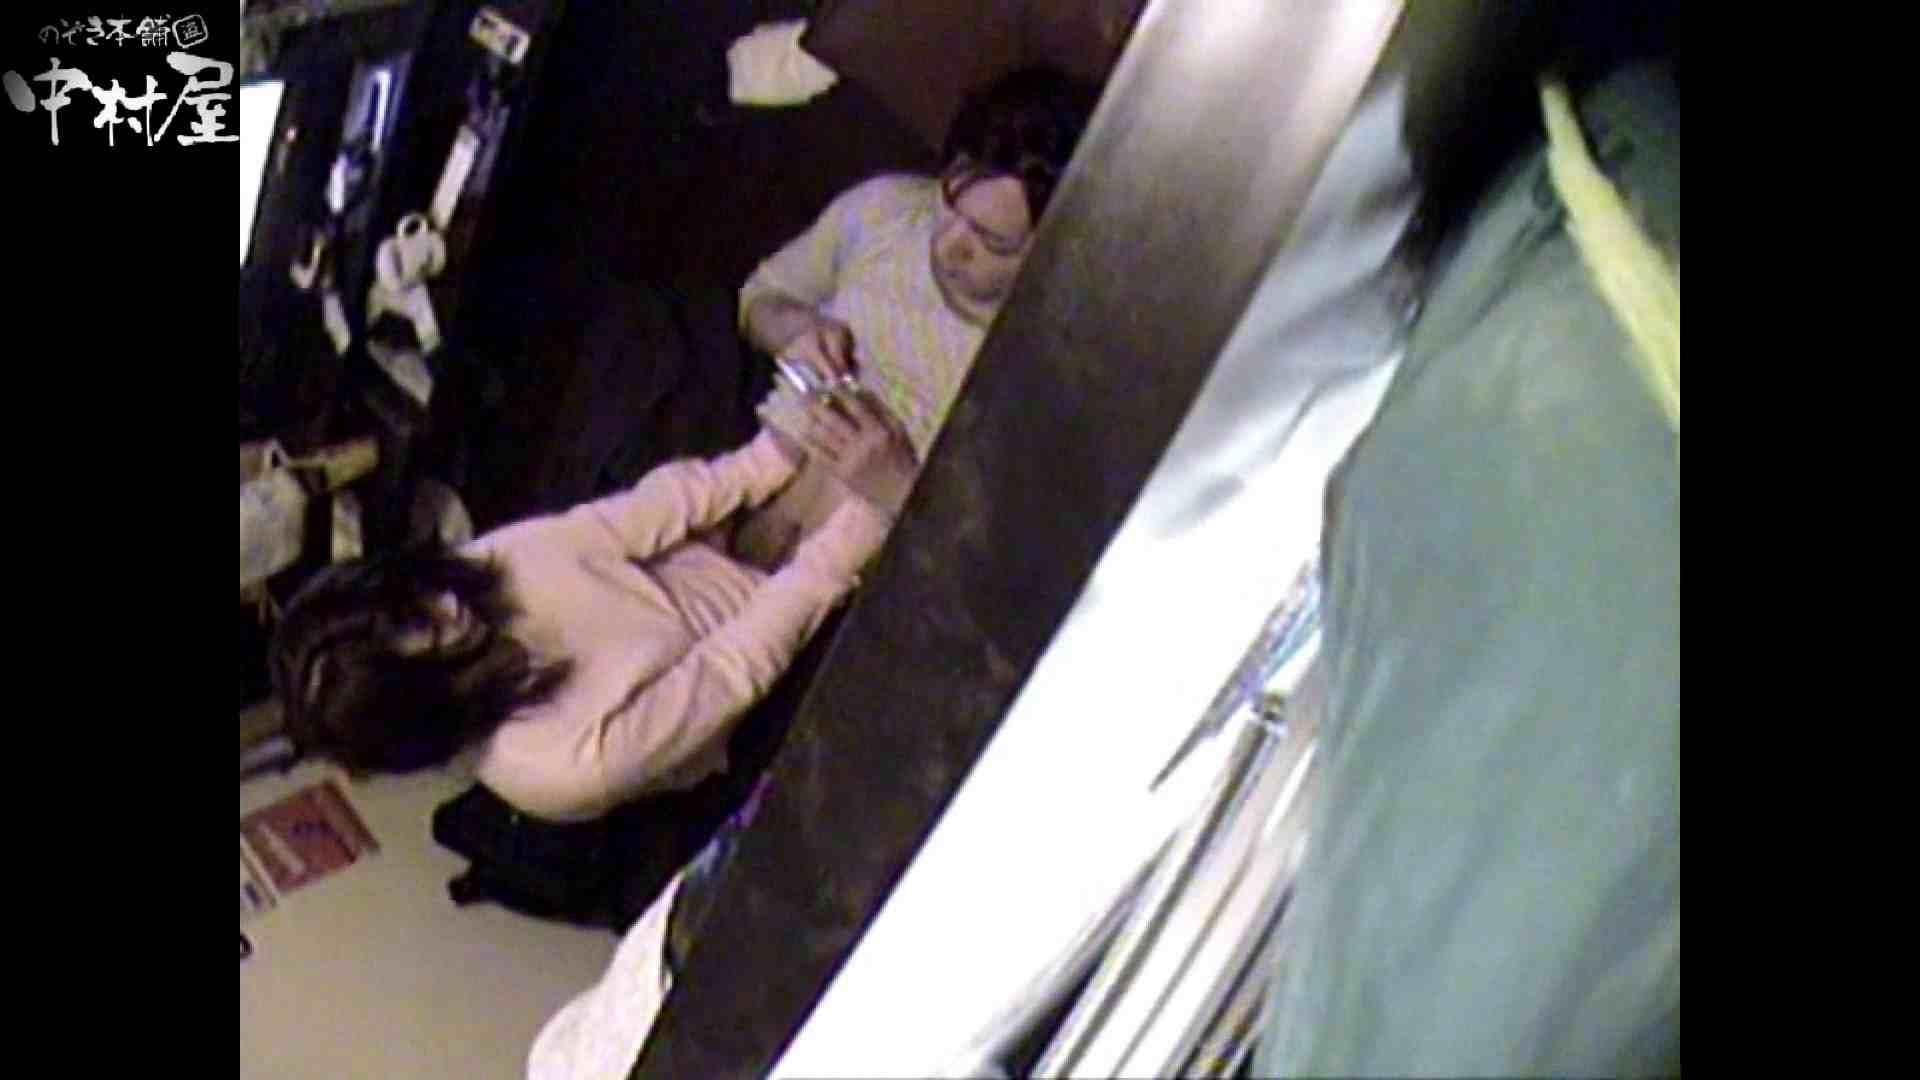 インターネットカフェの中で起こっている出来事 vol.009 カップル映像   卑猥すぎ  99PIX 83